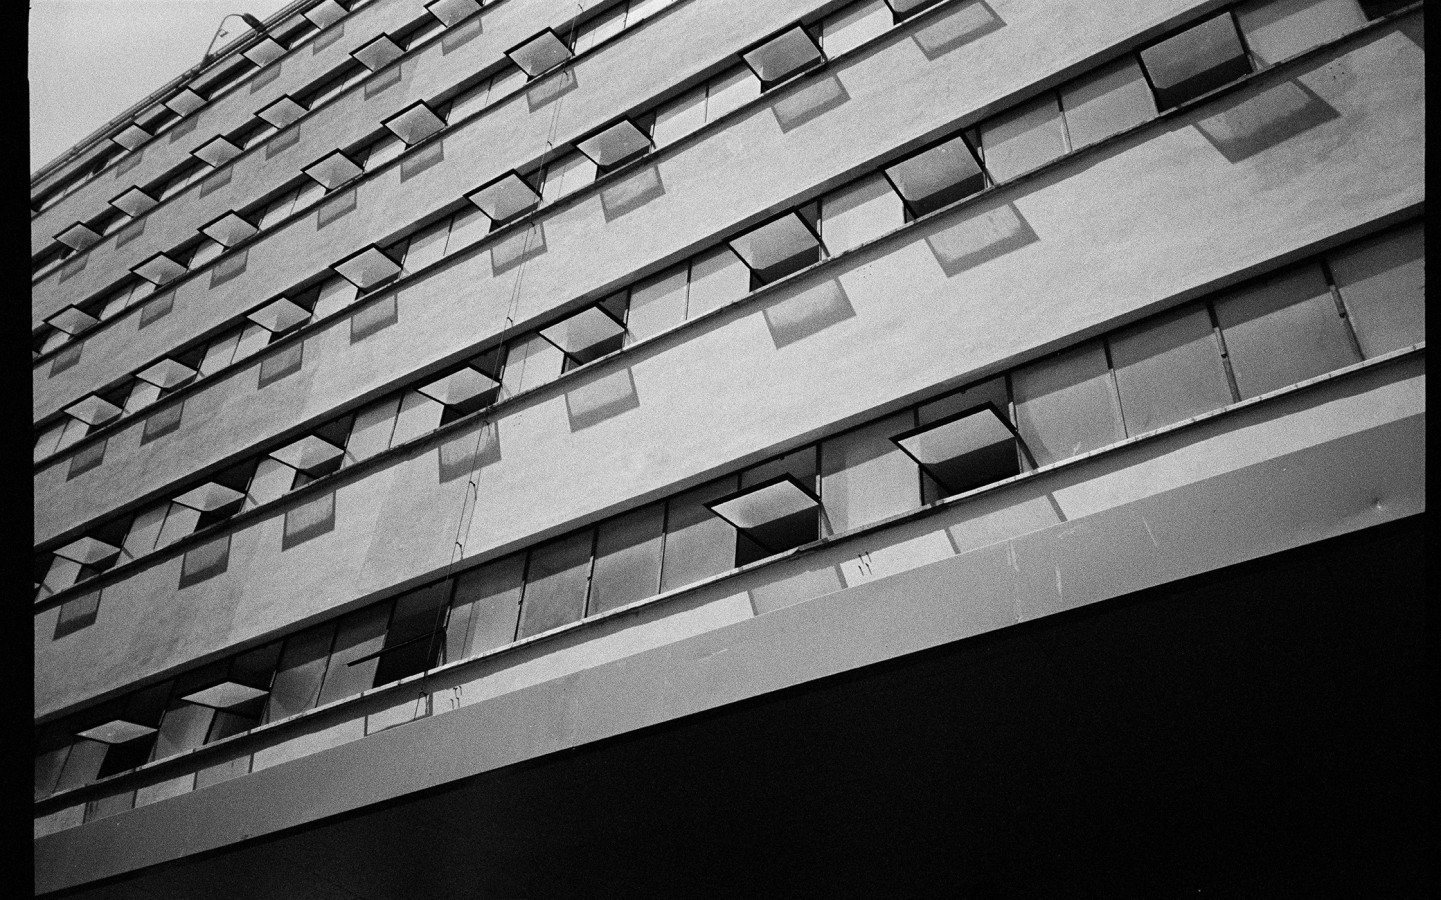 Venedig 006 by Nikolaus Brade.